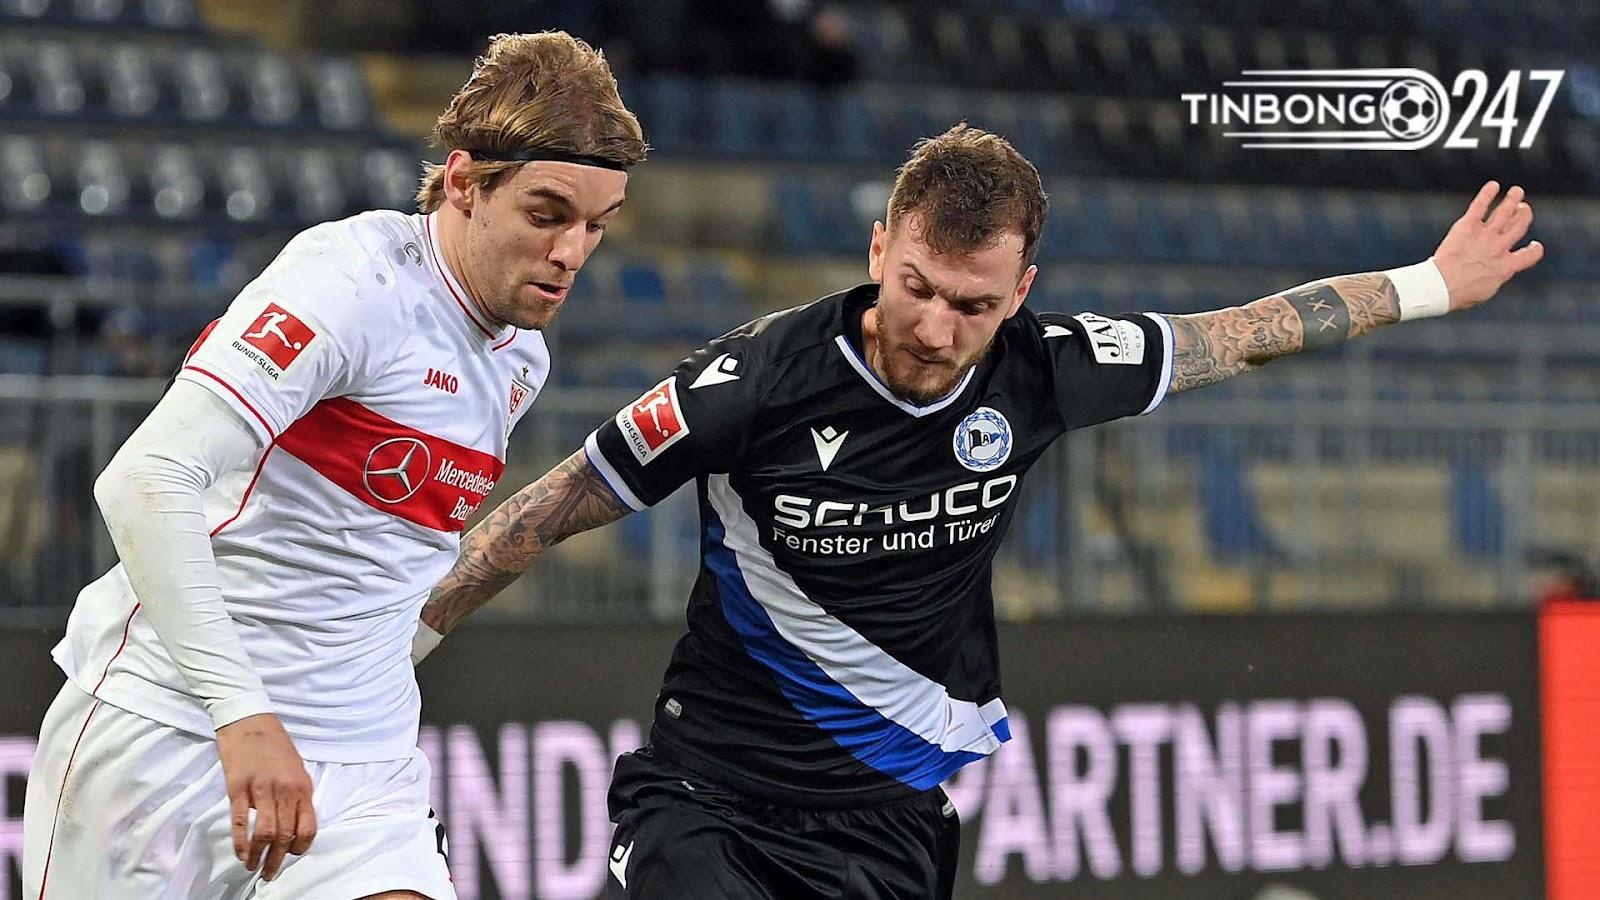 Nhận định bóng đá Stuttgart vs Arminia Bielefeld 20h30 ngày 23/05 – Bundesliga